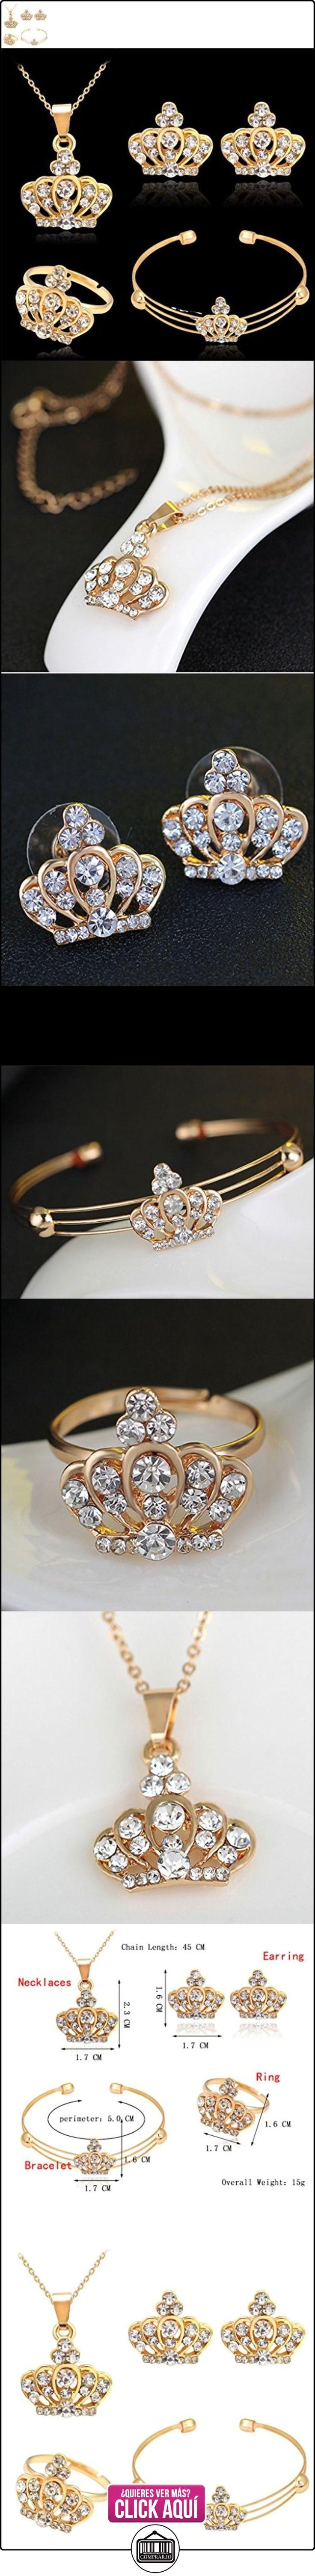 Joyería Collar Corona Pendiente Anillo Pulsera Diamantes de Imitación para Mujeres Boda Partido  ✿ Joyas para mujer - Las mejores ofertas ✿ ▬► Ver oferta: https://comprar.io/goto/B01IR7Y5EO